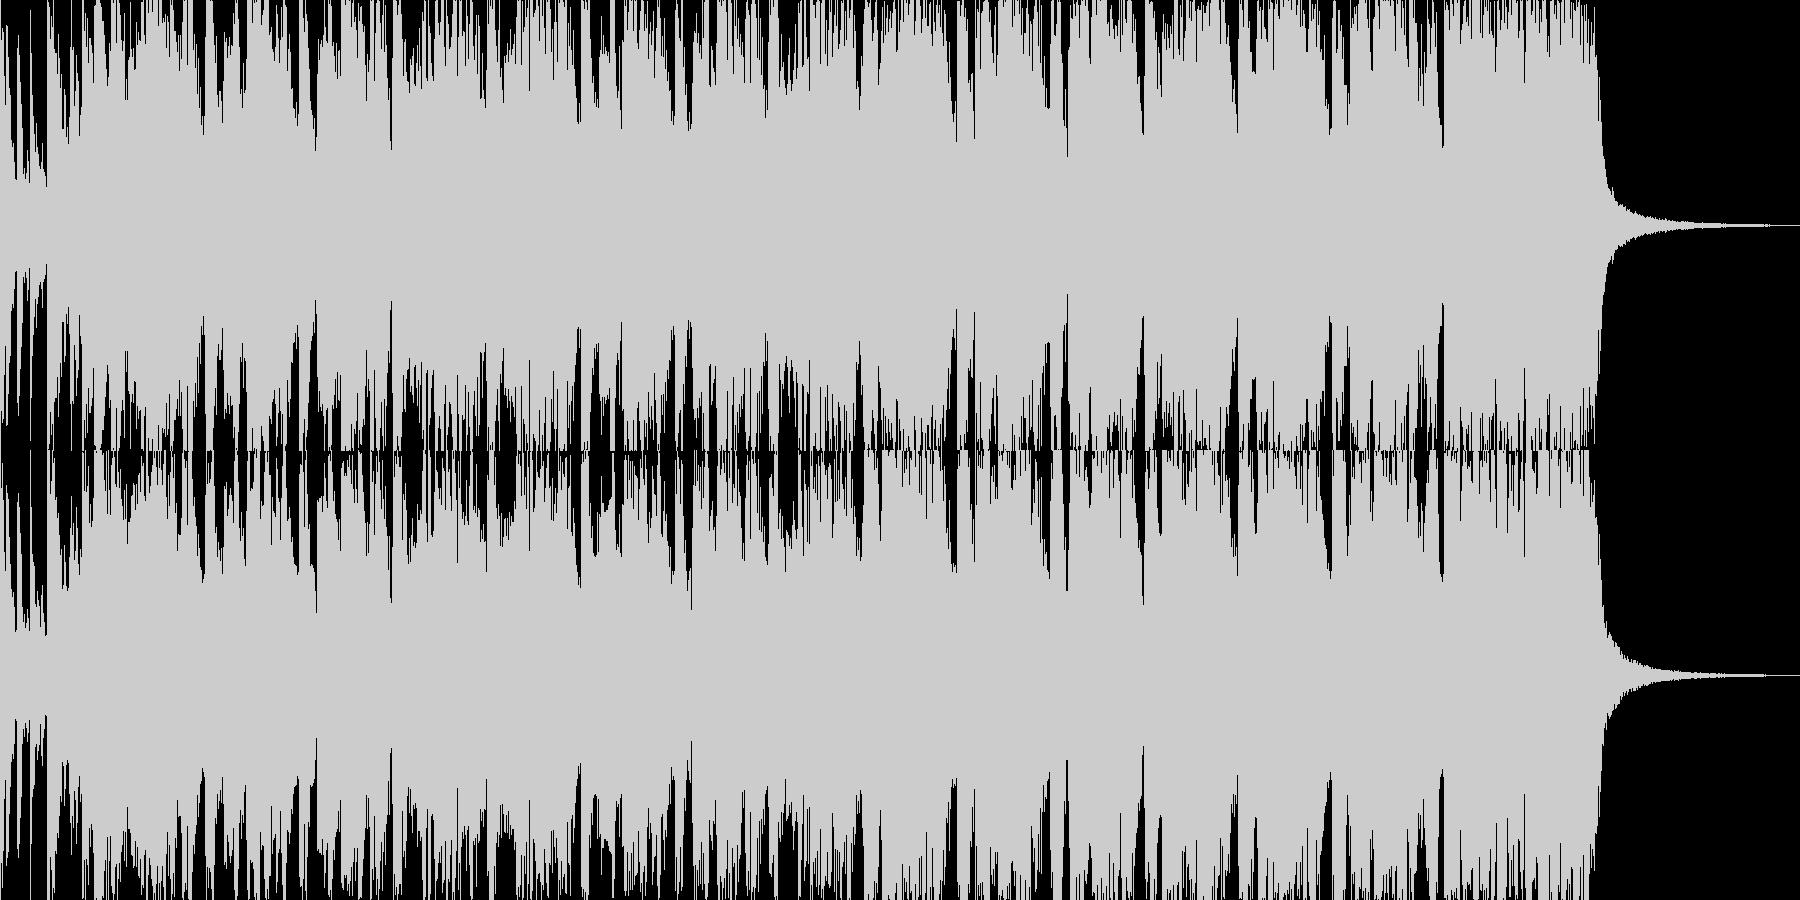 ダサかっこ良いロックンロール系ギターリフの未再生の波形